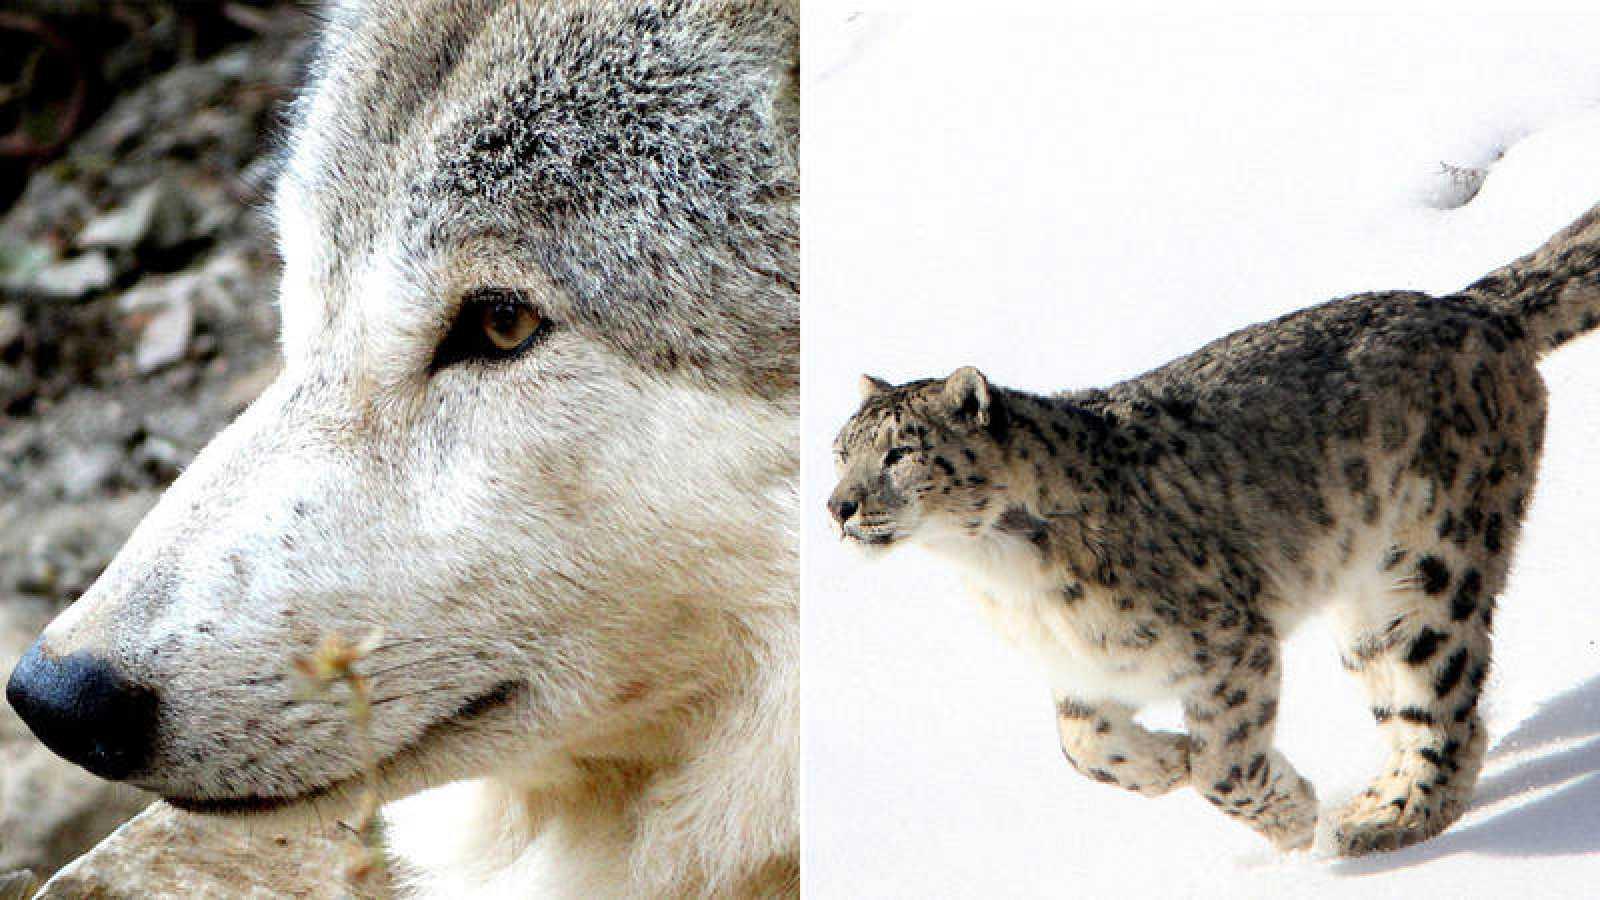 Imagen de un lobo del Himalaya, a la izquierda, y de un leopardo de las nieves, a la derecha.